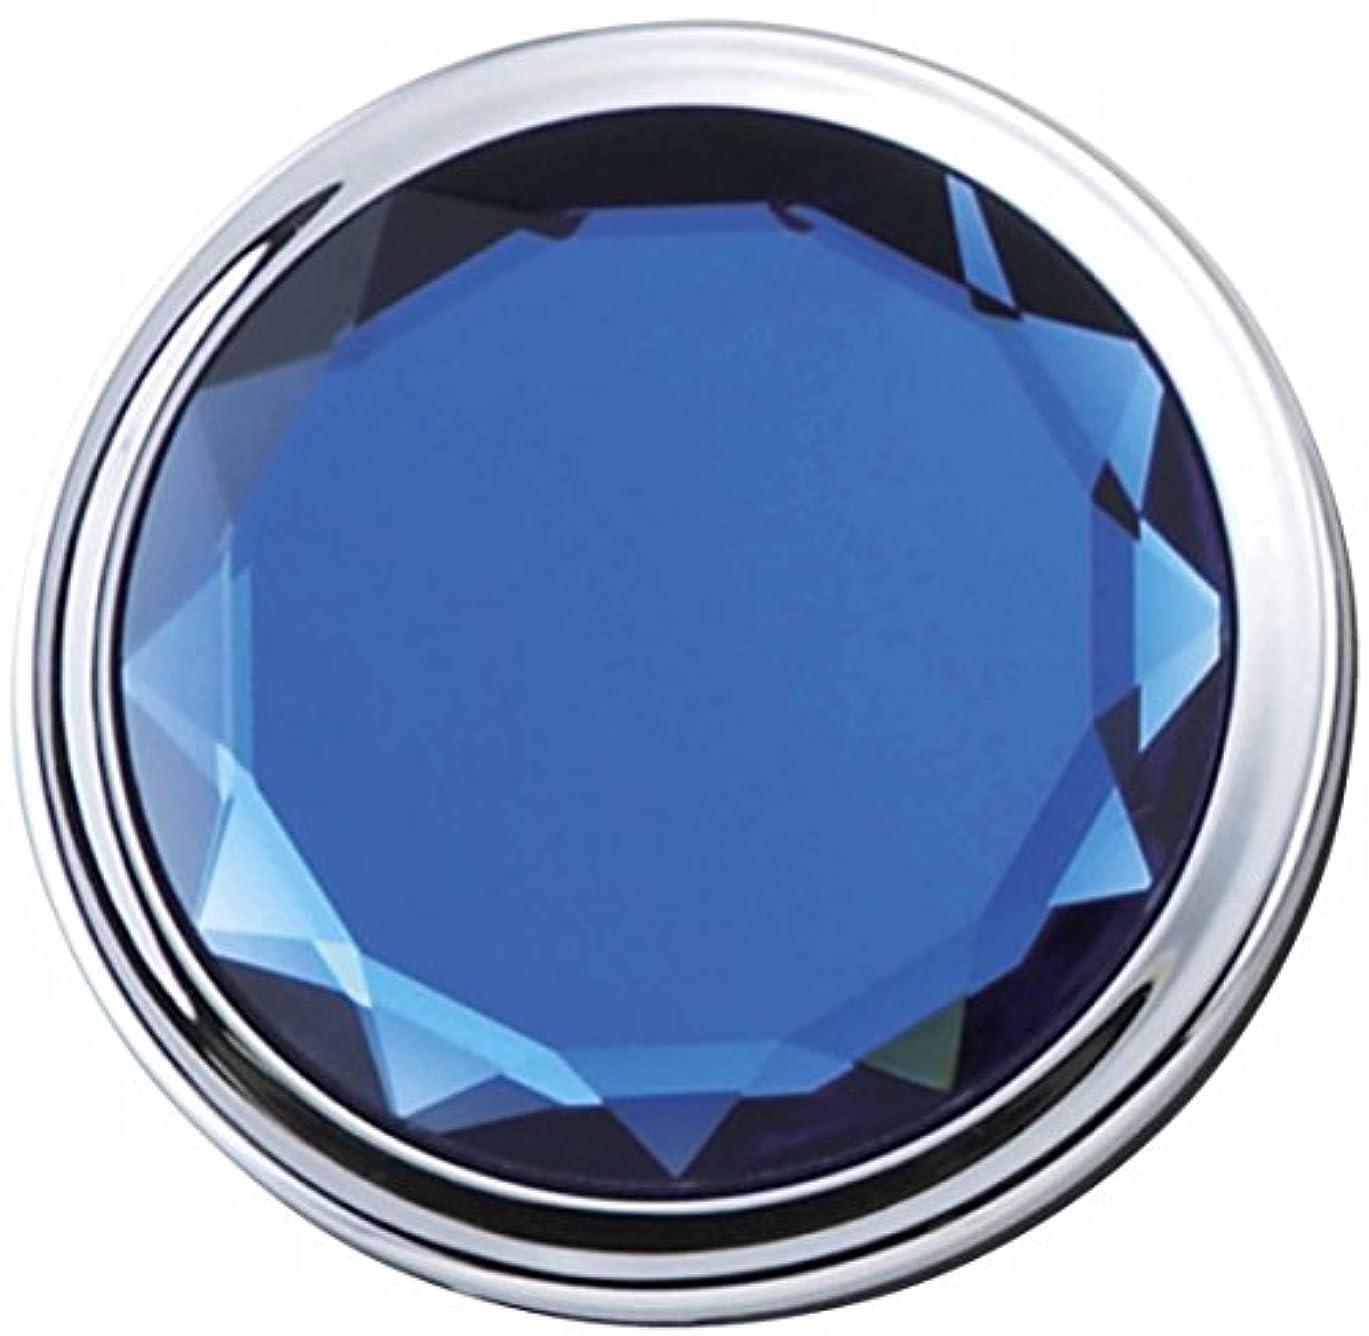 ネブ思われるバスメトリックス JEWEL color コンパクト ミラー ブルー 等倍 & 2倍 拡大鏡 es